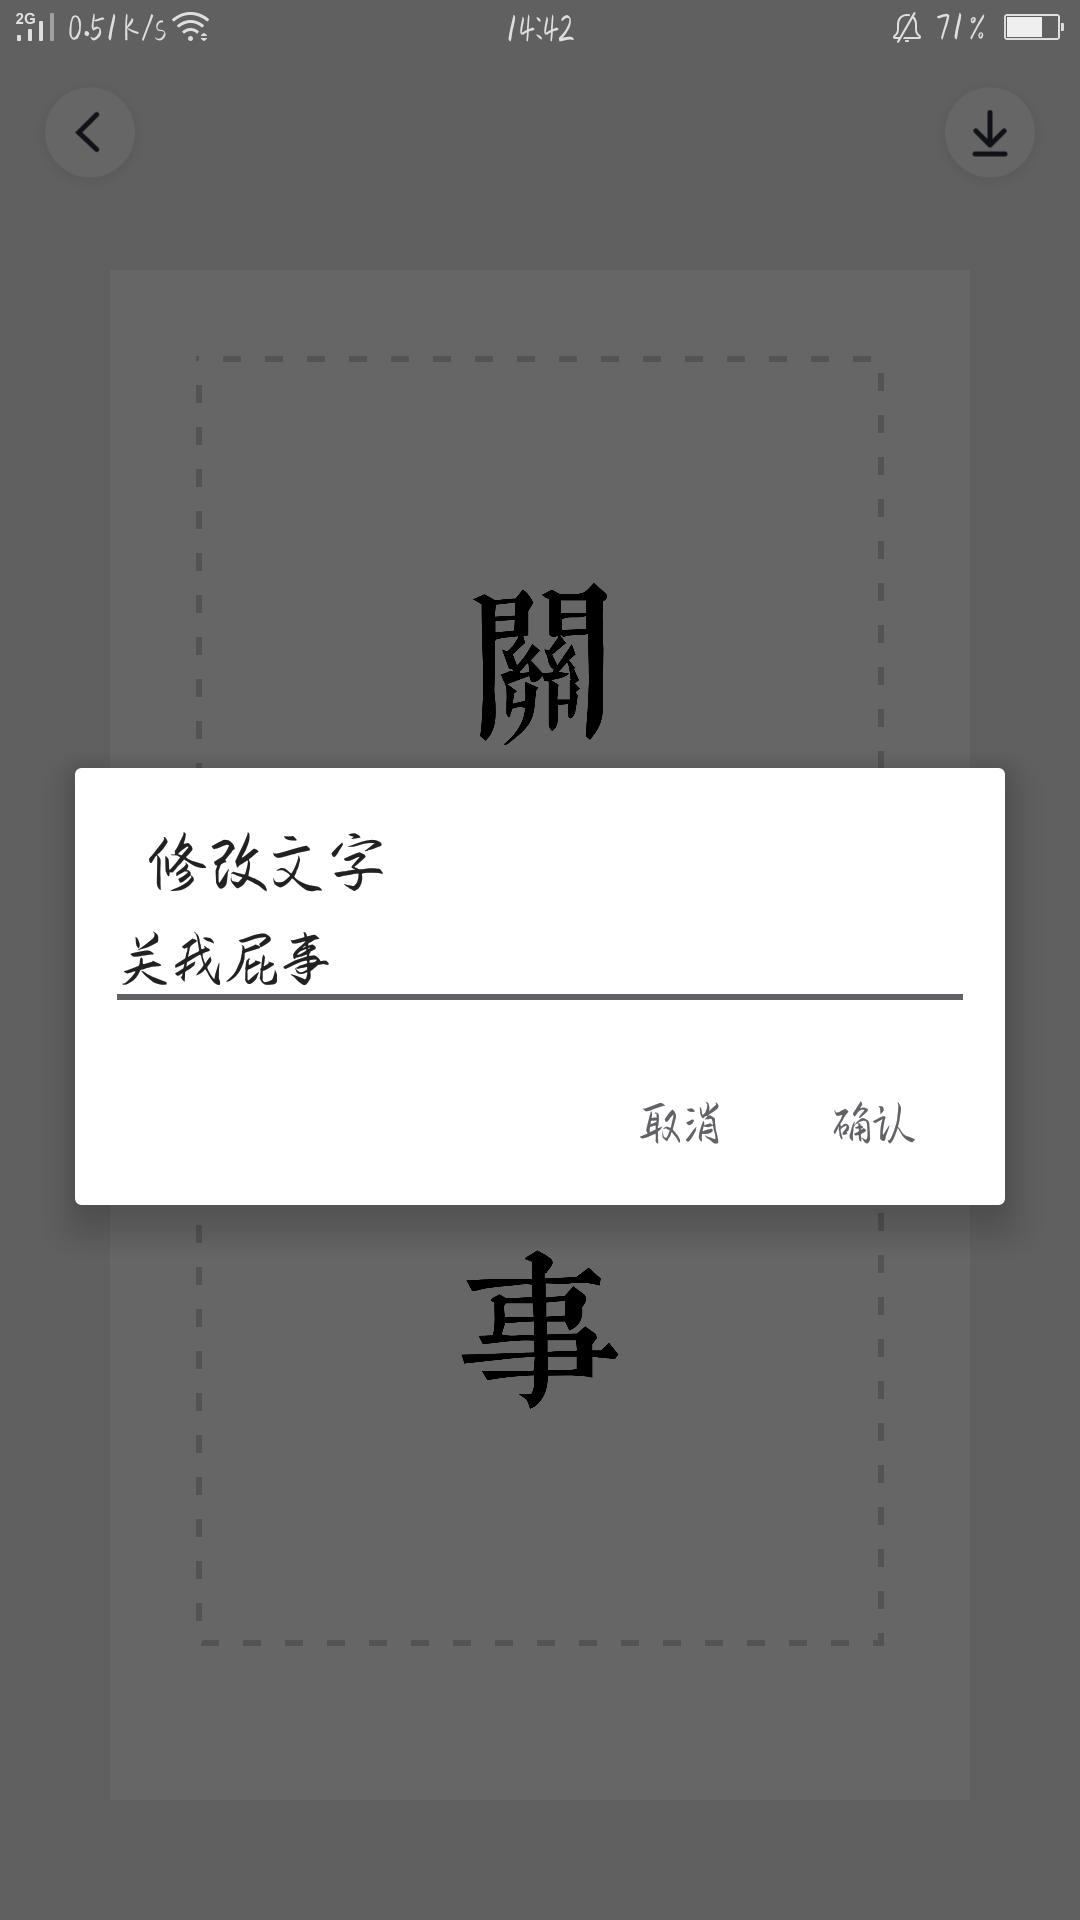 文字控官方客户端下载 v1.2.0截图